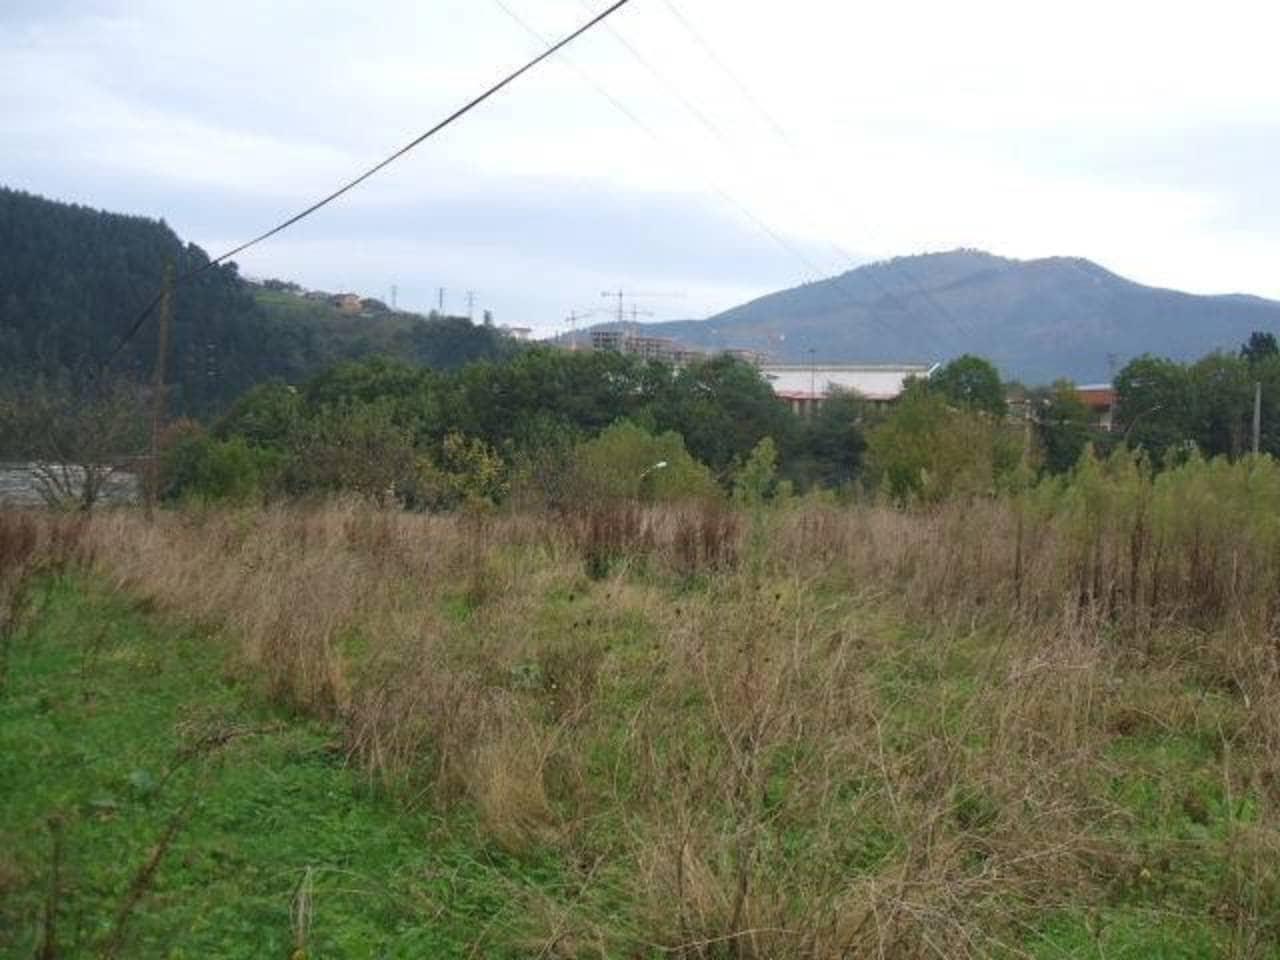 Terreno/Finca Rústica en Carranza en venta - 60.000 € (Ref: 942835)